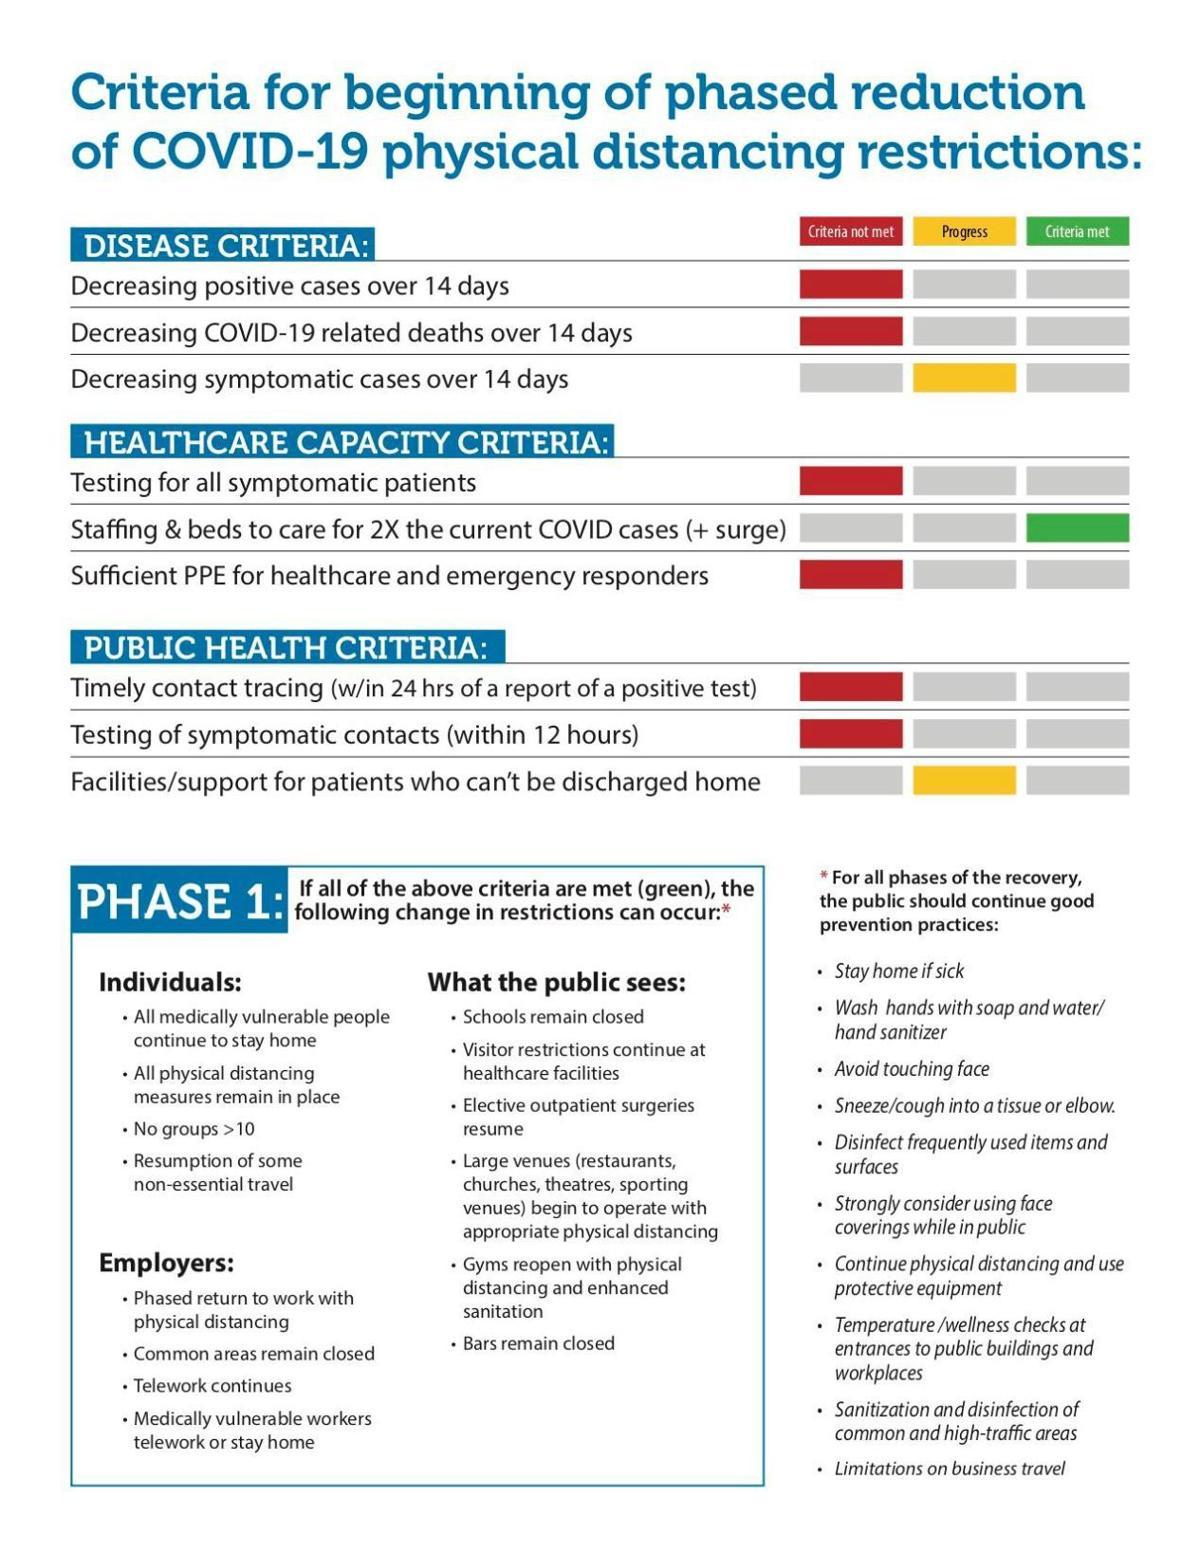 Pima County COVID-19 criteria (copy)